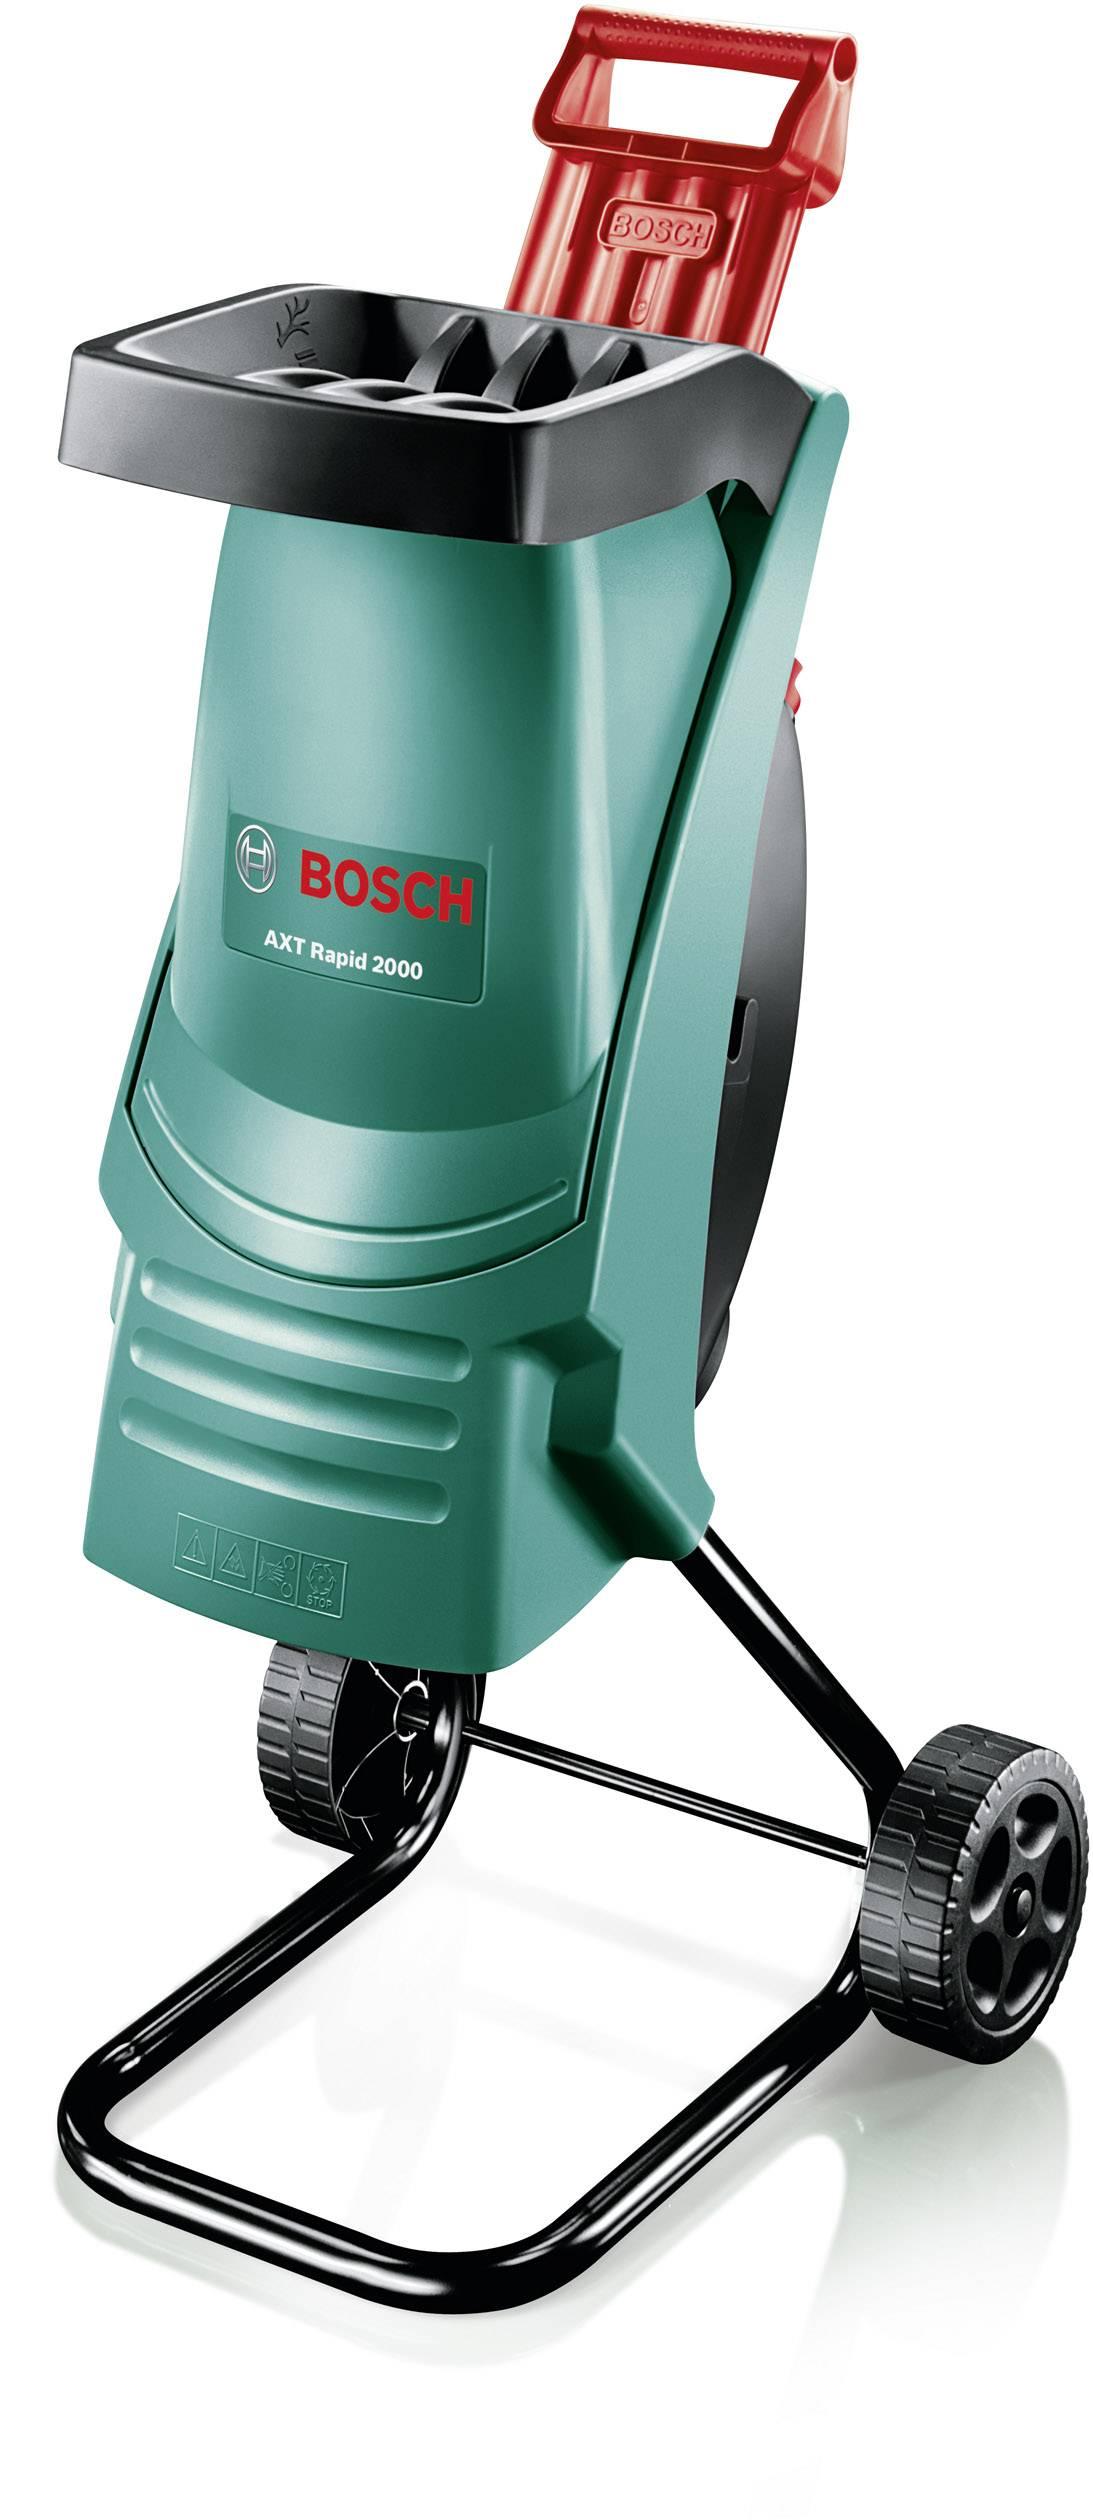 Elektrická nožový zahradní drtič AXT Rapid 2000 Bosch Home and Garden 2000 W 0600853500